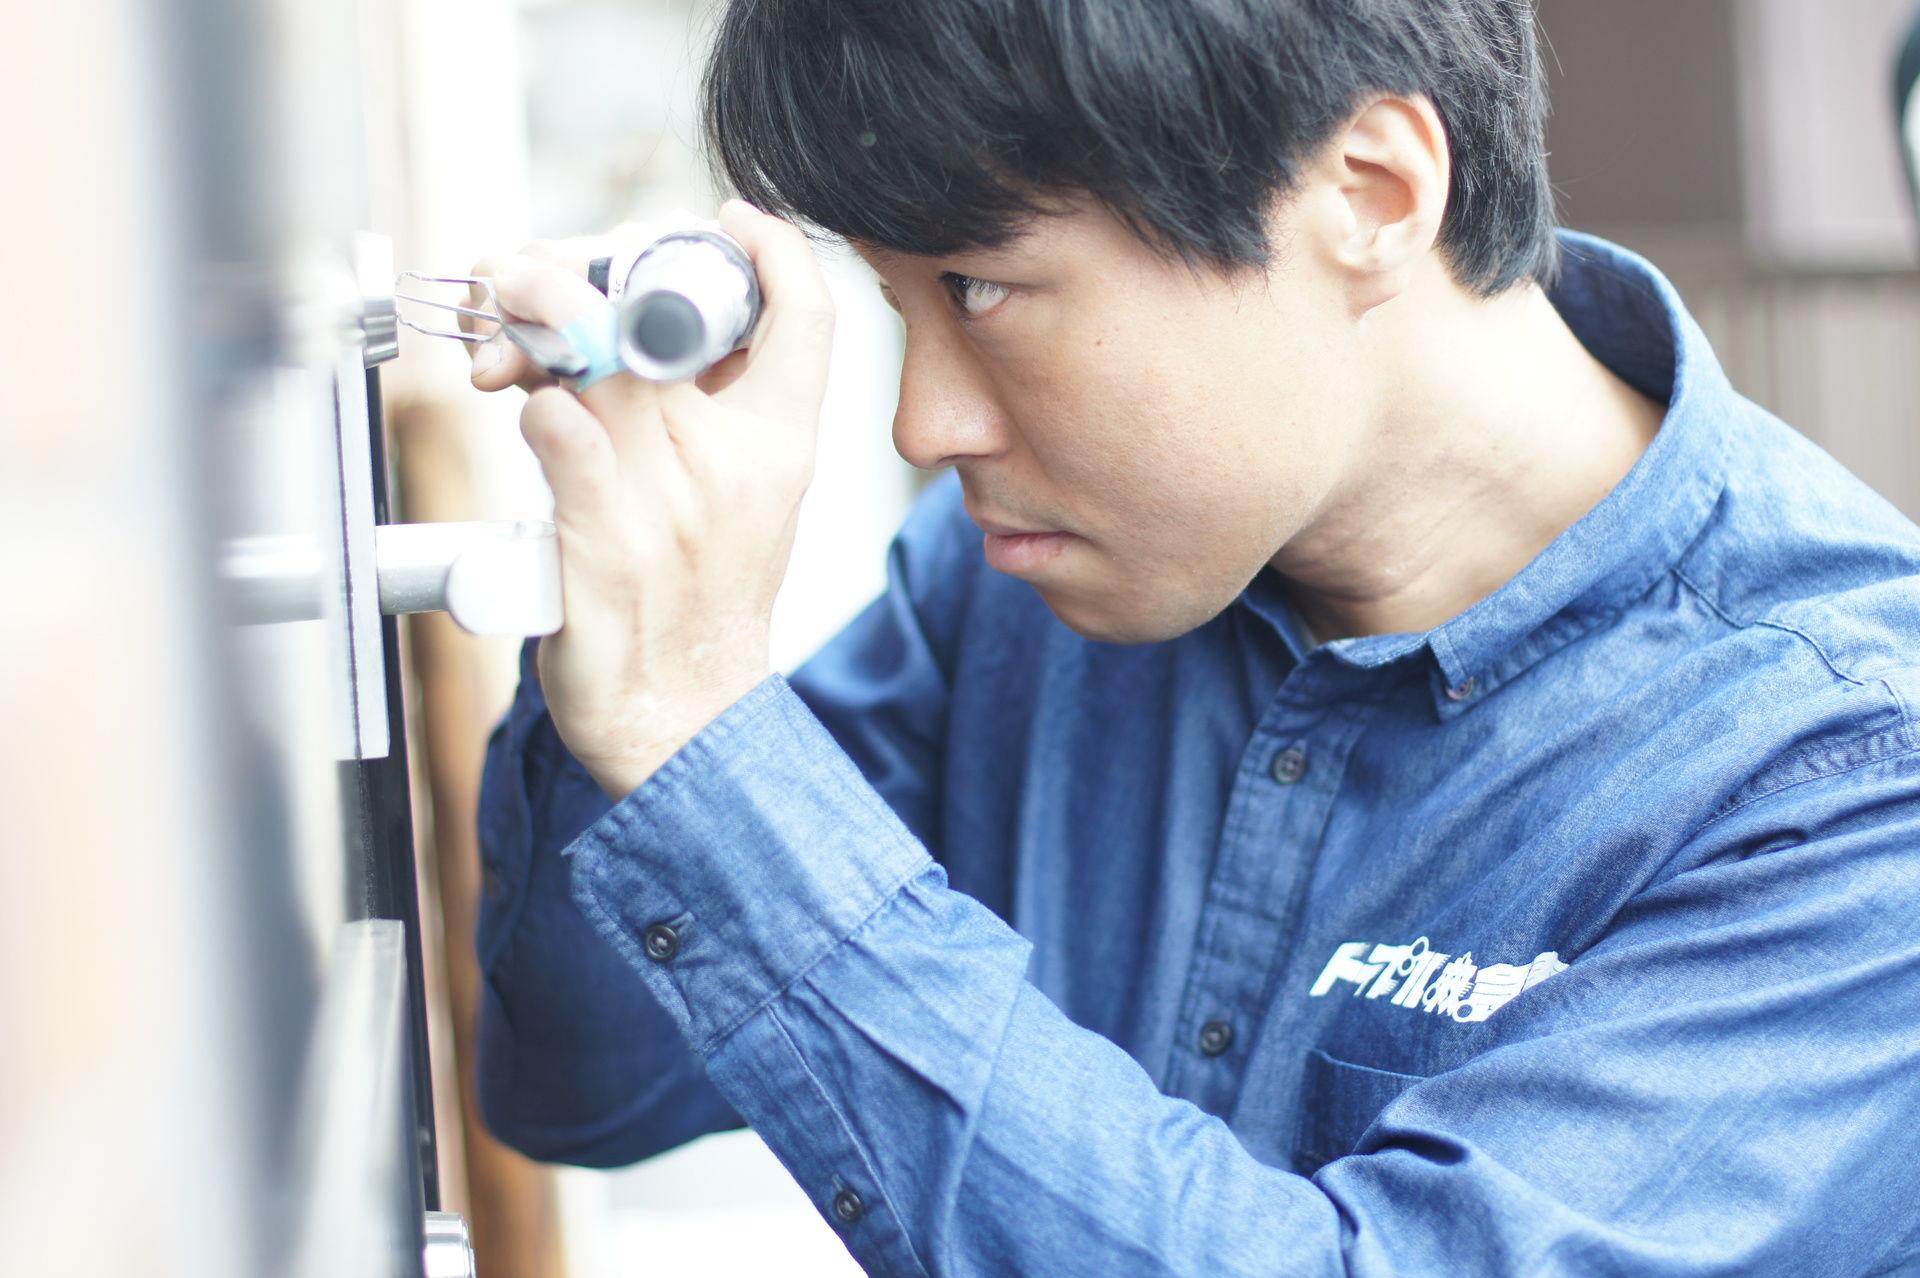 鍵のトラブル救急車【額田郡幸田町 出張エリア】のメイン画像